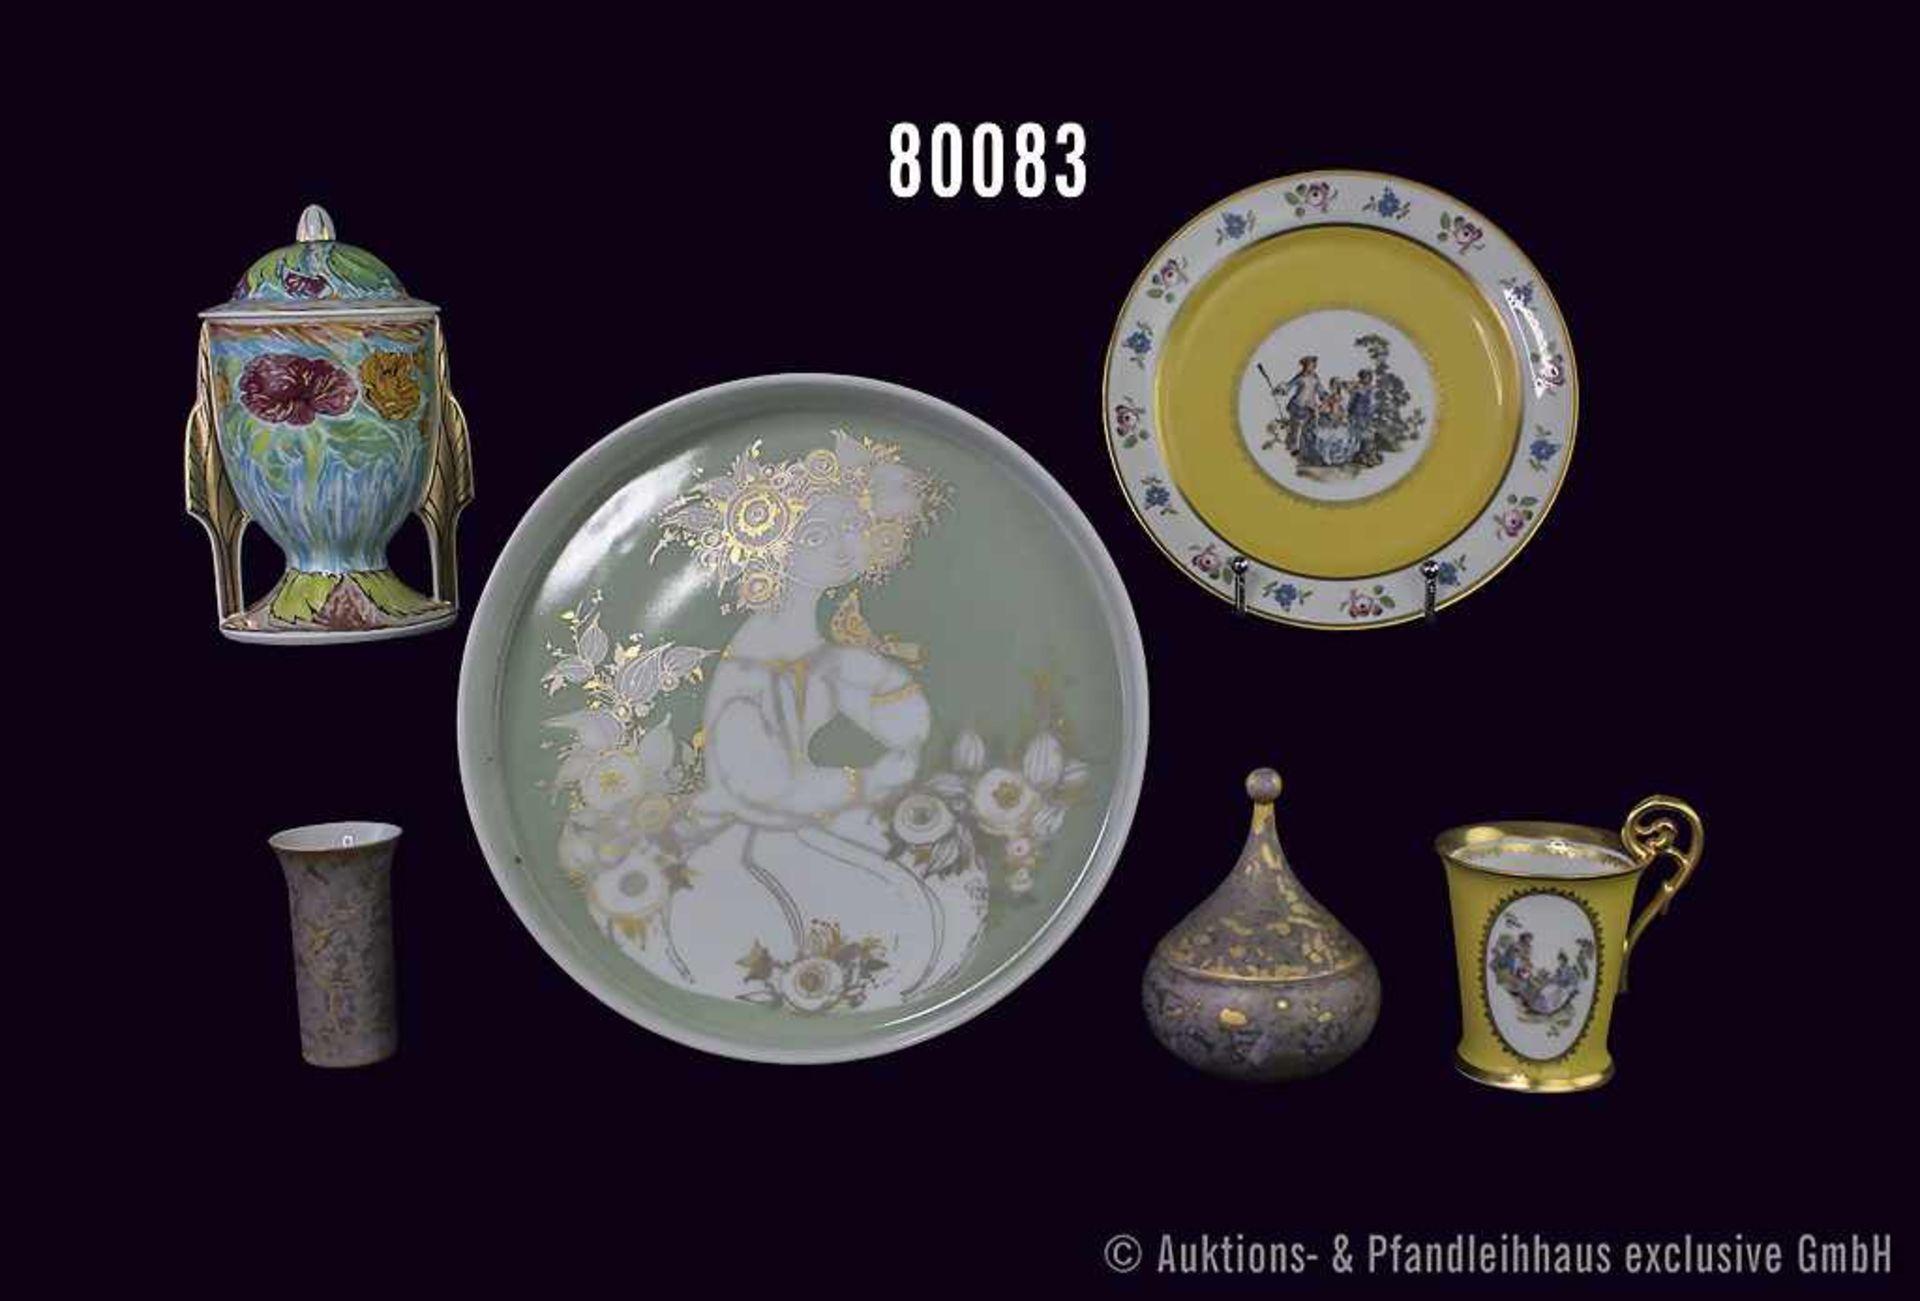 Konv. 6 Teile Rosenthal Porzellan, dabei Künstlertasse Nr. 28 mit Deckel, von Ernst Fuchs, Schale